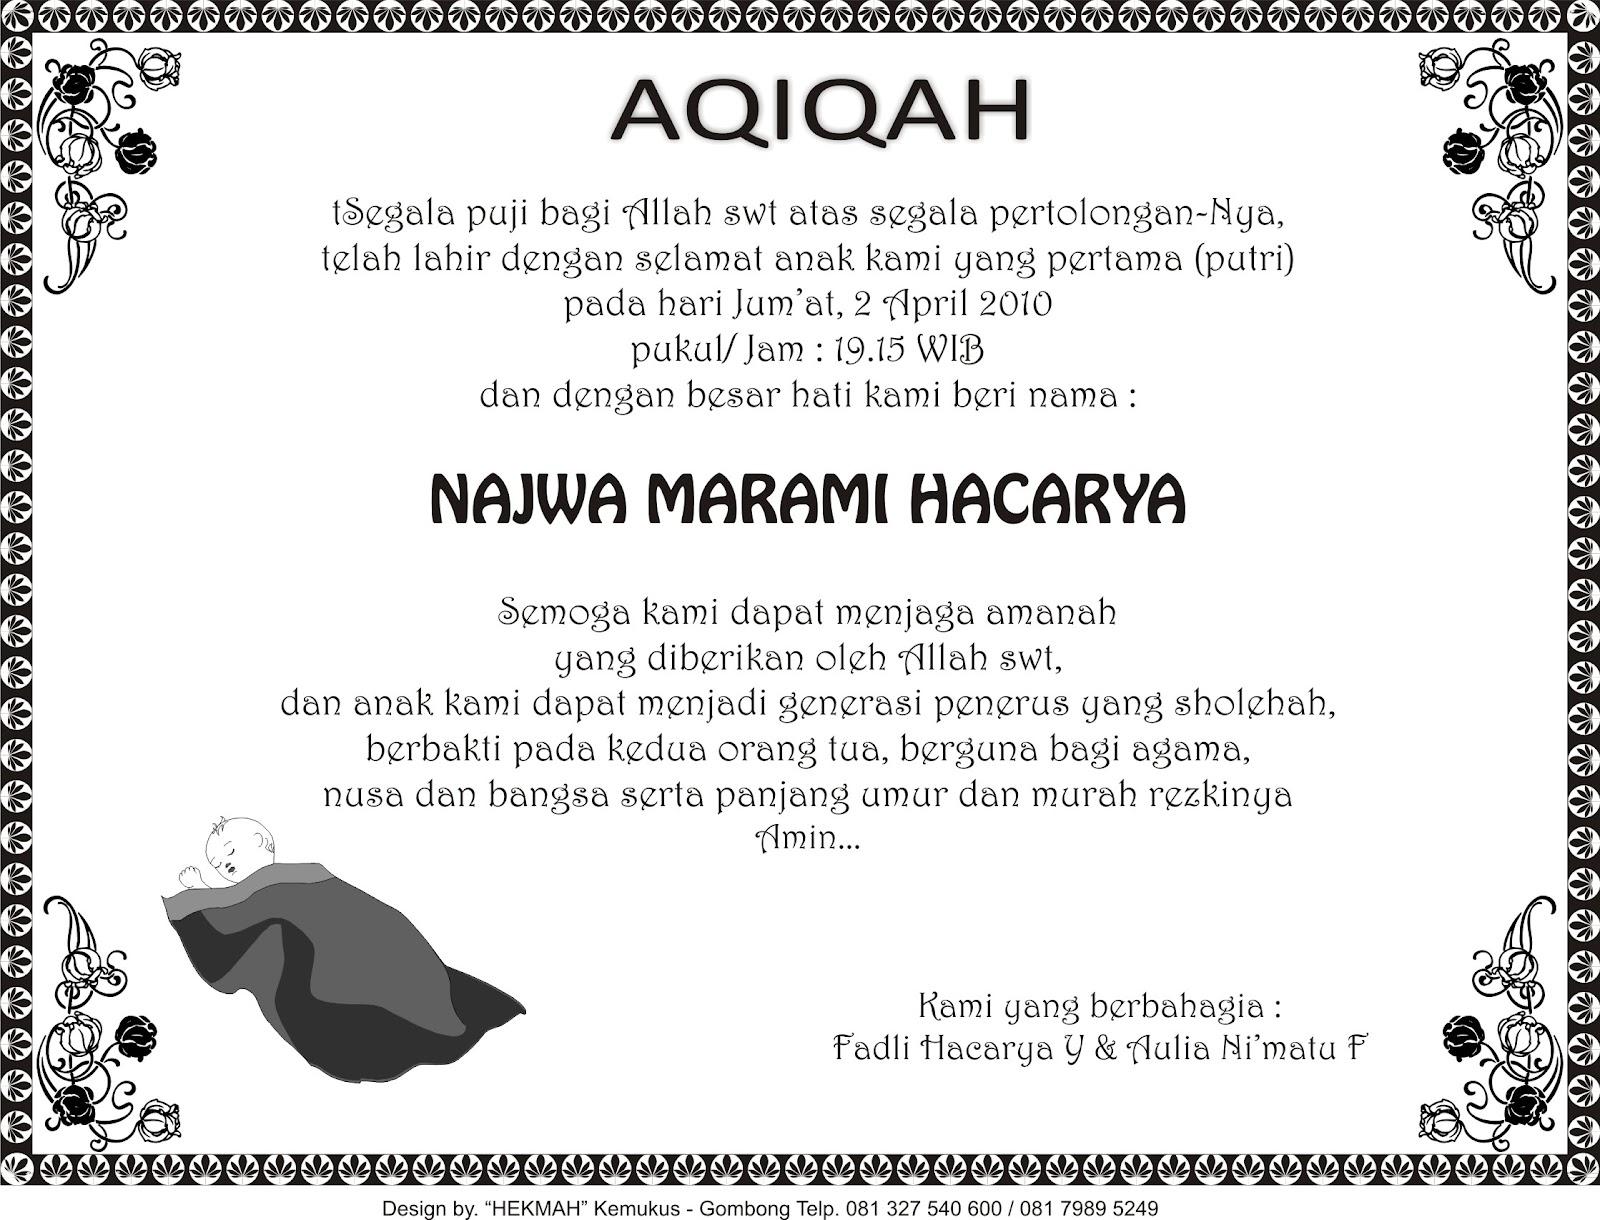 Contoh Surat Aqiqah Word Suratmenyurat Net